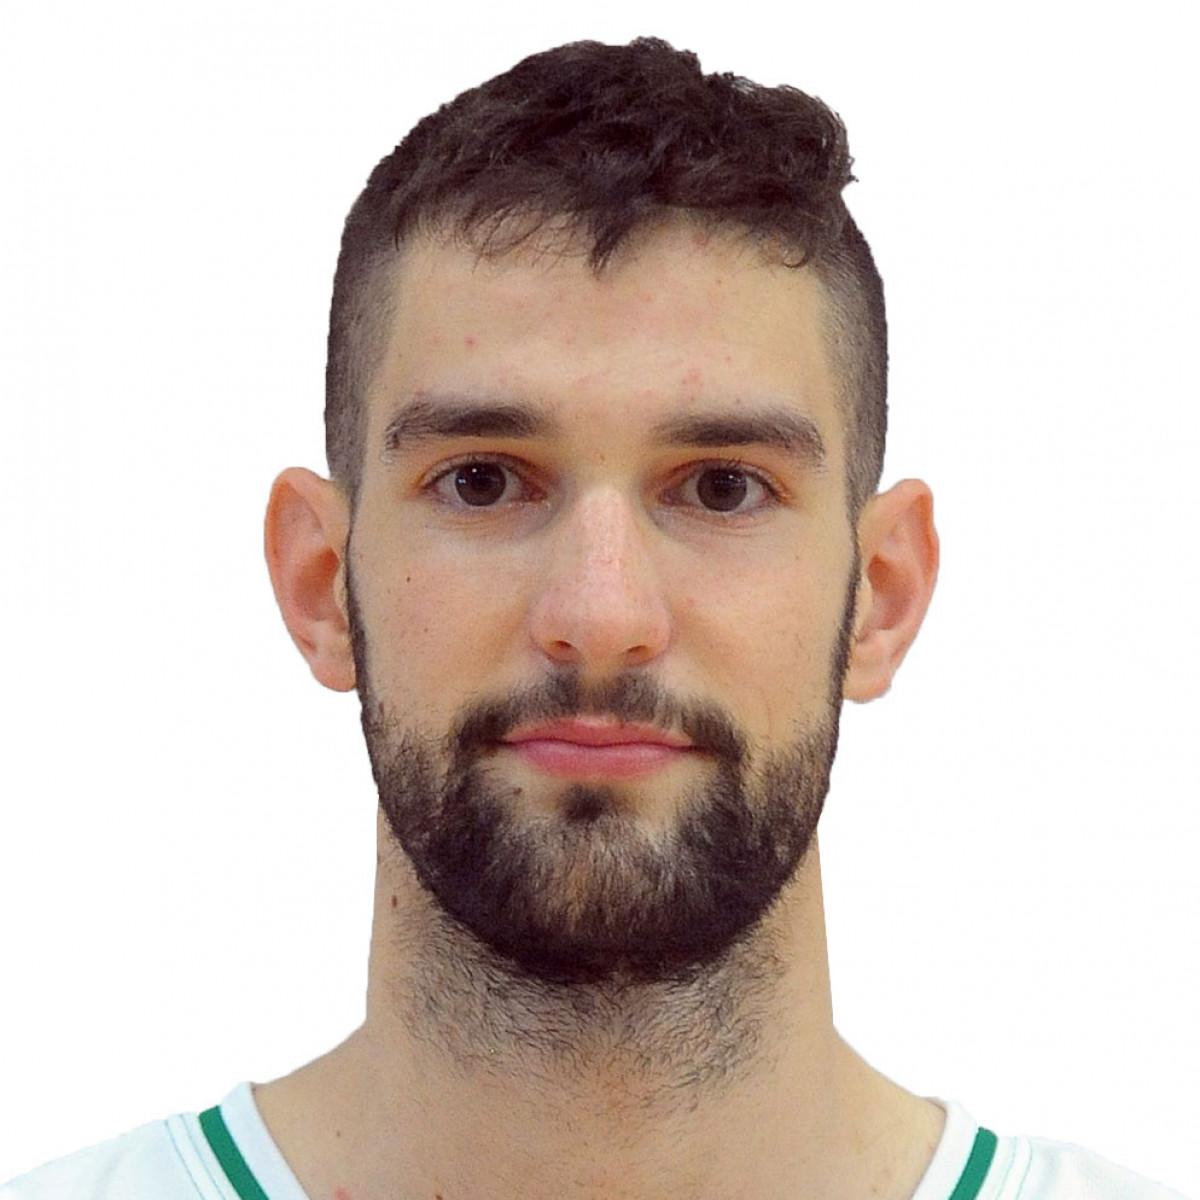 Tim Osolnik